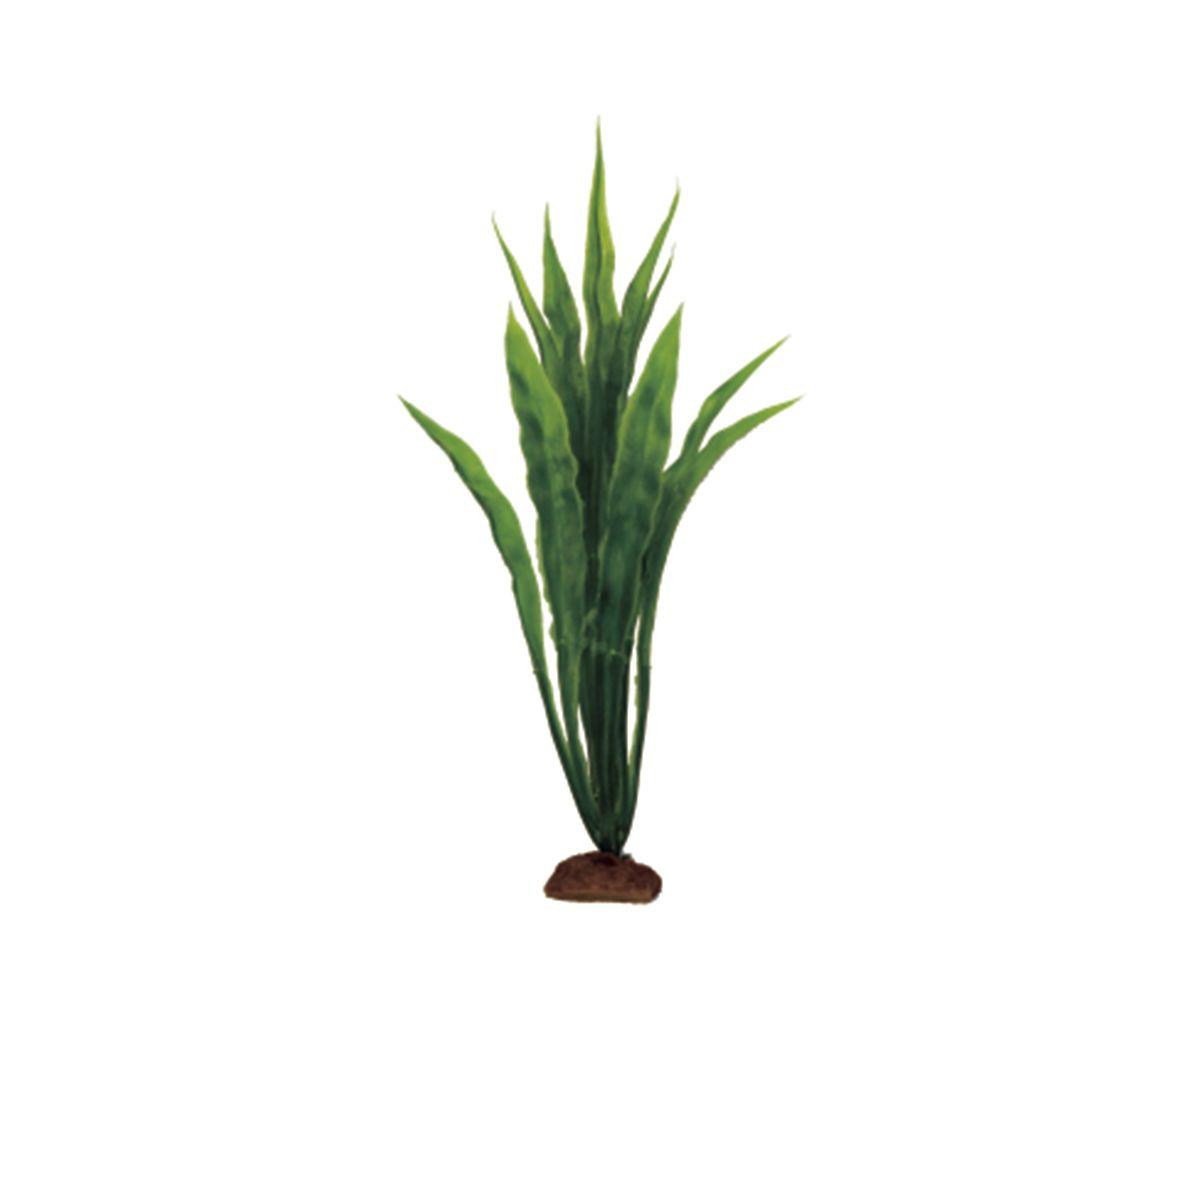 Растение для аквариума ArtUniq Эхинодорус боливийский, высота 12 см, 6 шт0120710Композиция из искусственных растений ArtUniq превосходно украсит и оживит аквариум.Растения - это важная часть любой композиции, они помогут вдохнуть жизнь в ландшафт любого аквариума или террариума. А их сходствос природными порадует даже самых взыскательных ценителей.